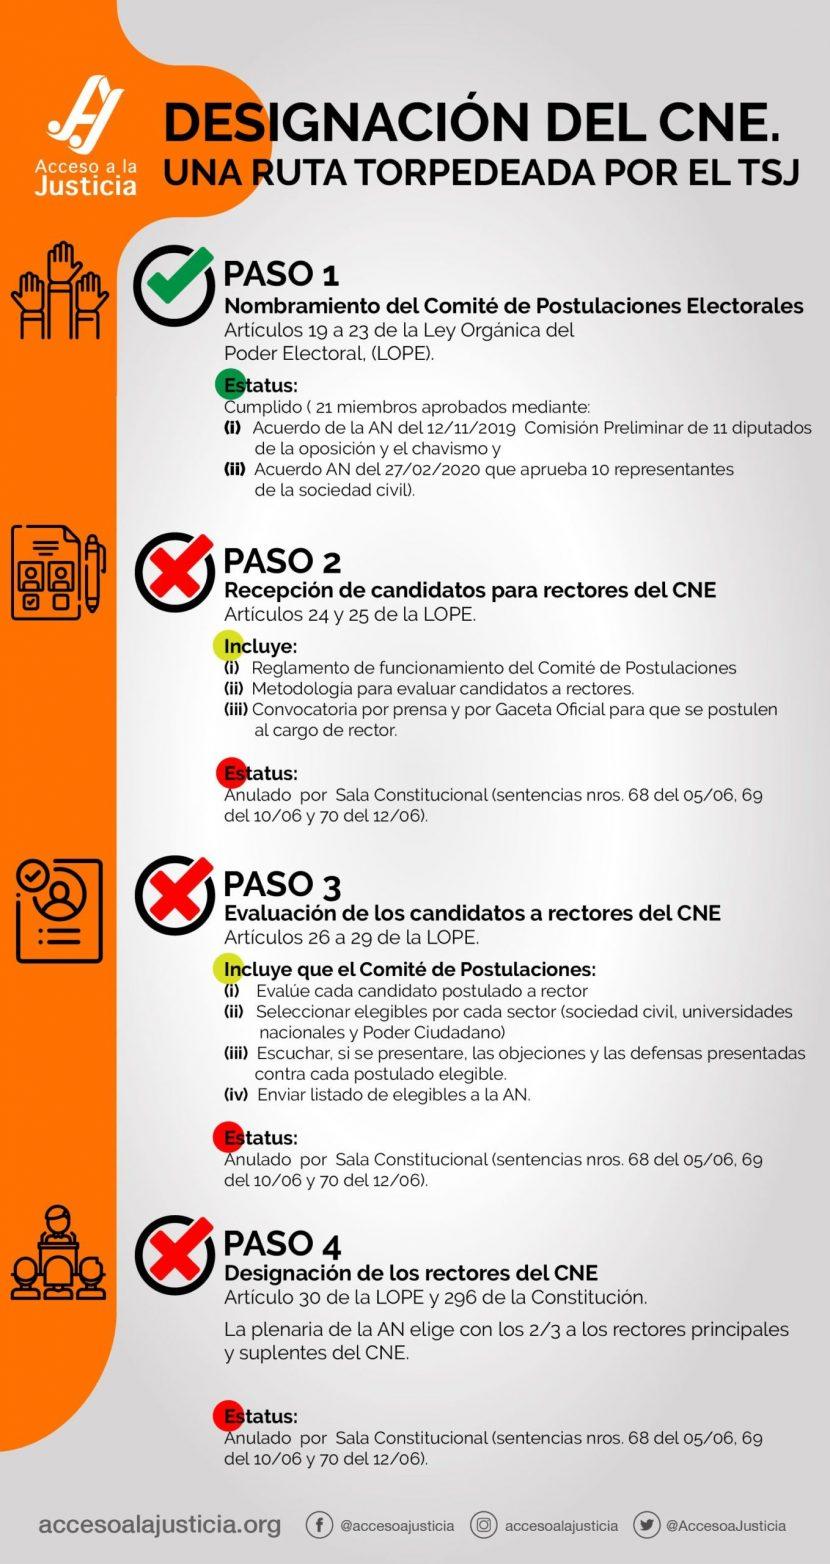 CONSEJO NACIONAL ELECTORAL (CNE)